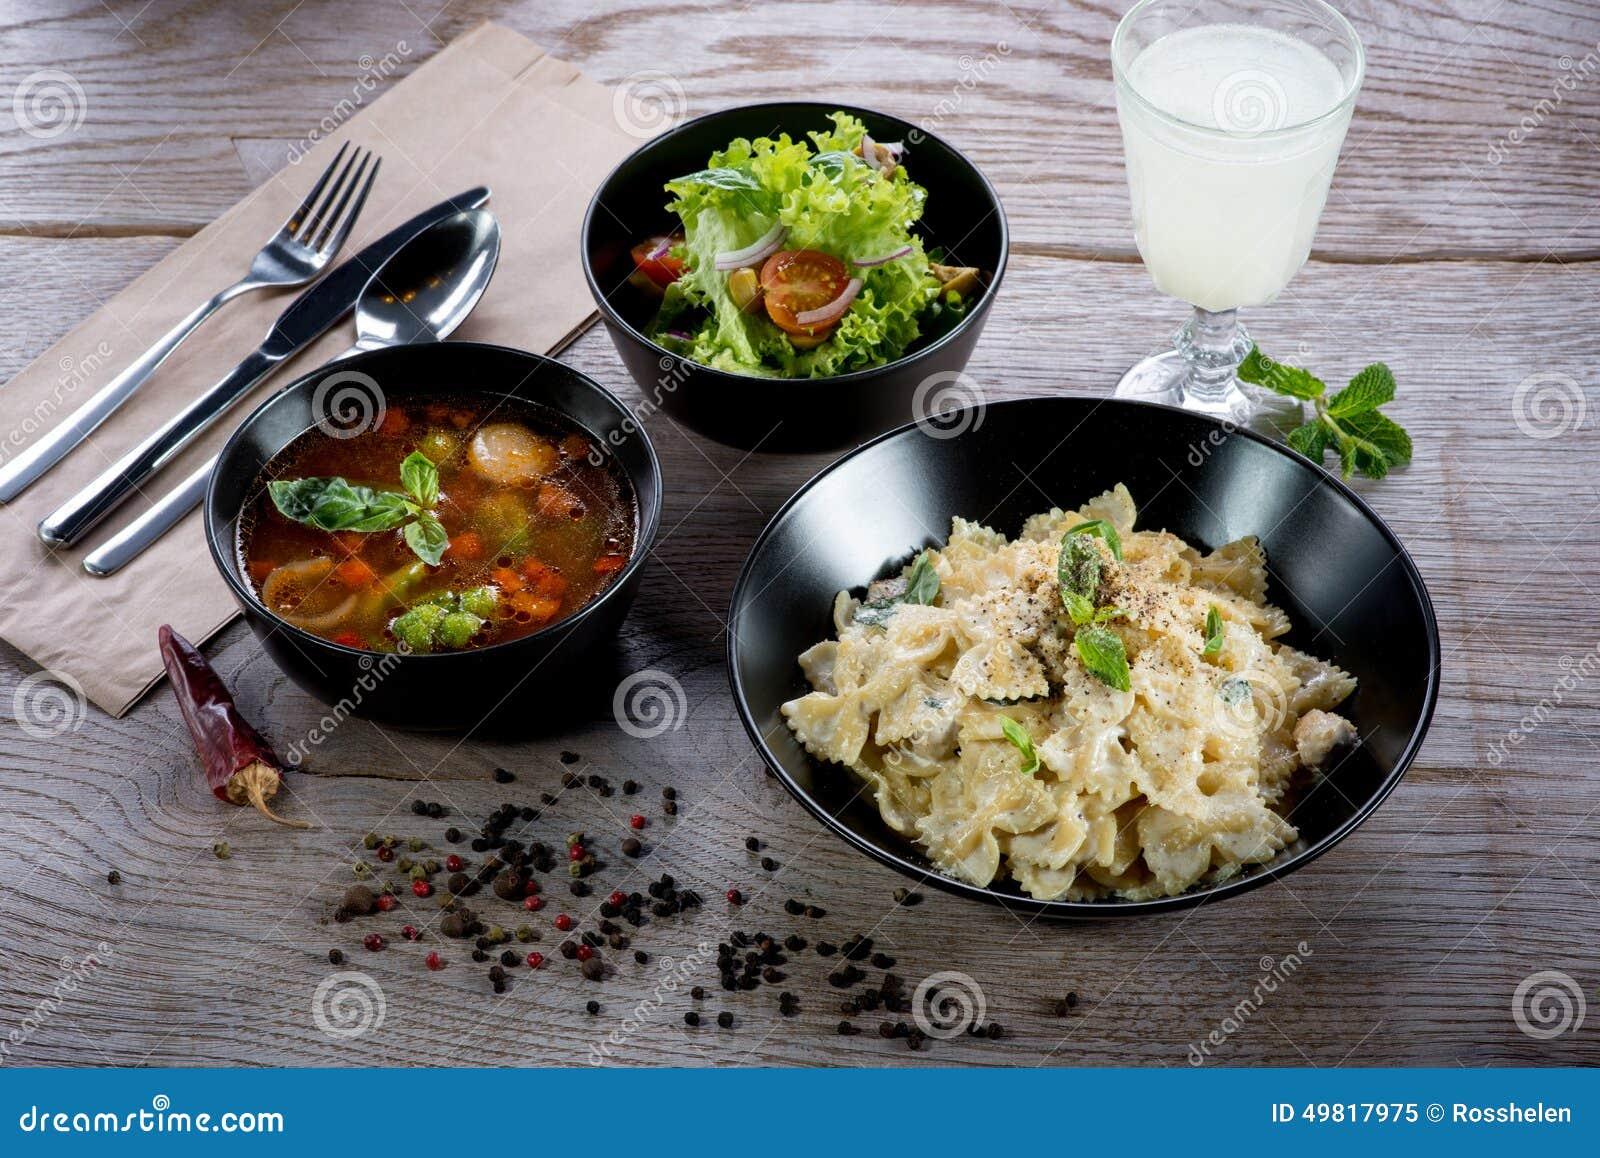 Italian dinner stock photo image 49817975 for Italian dinner